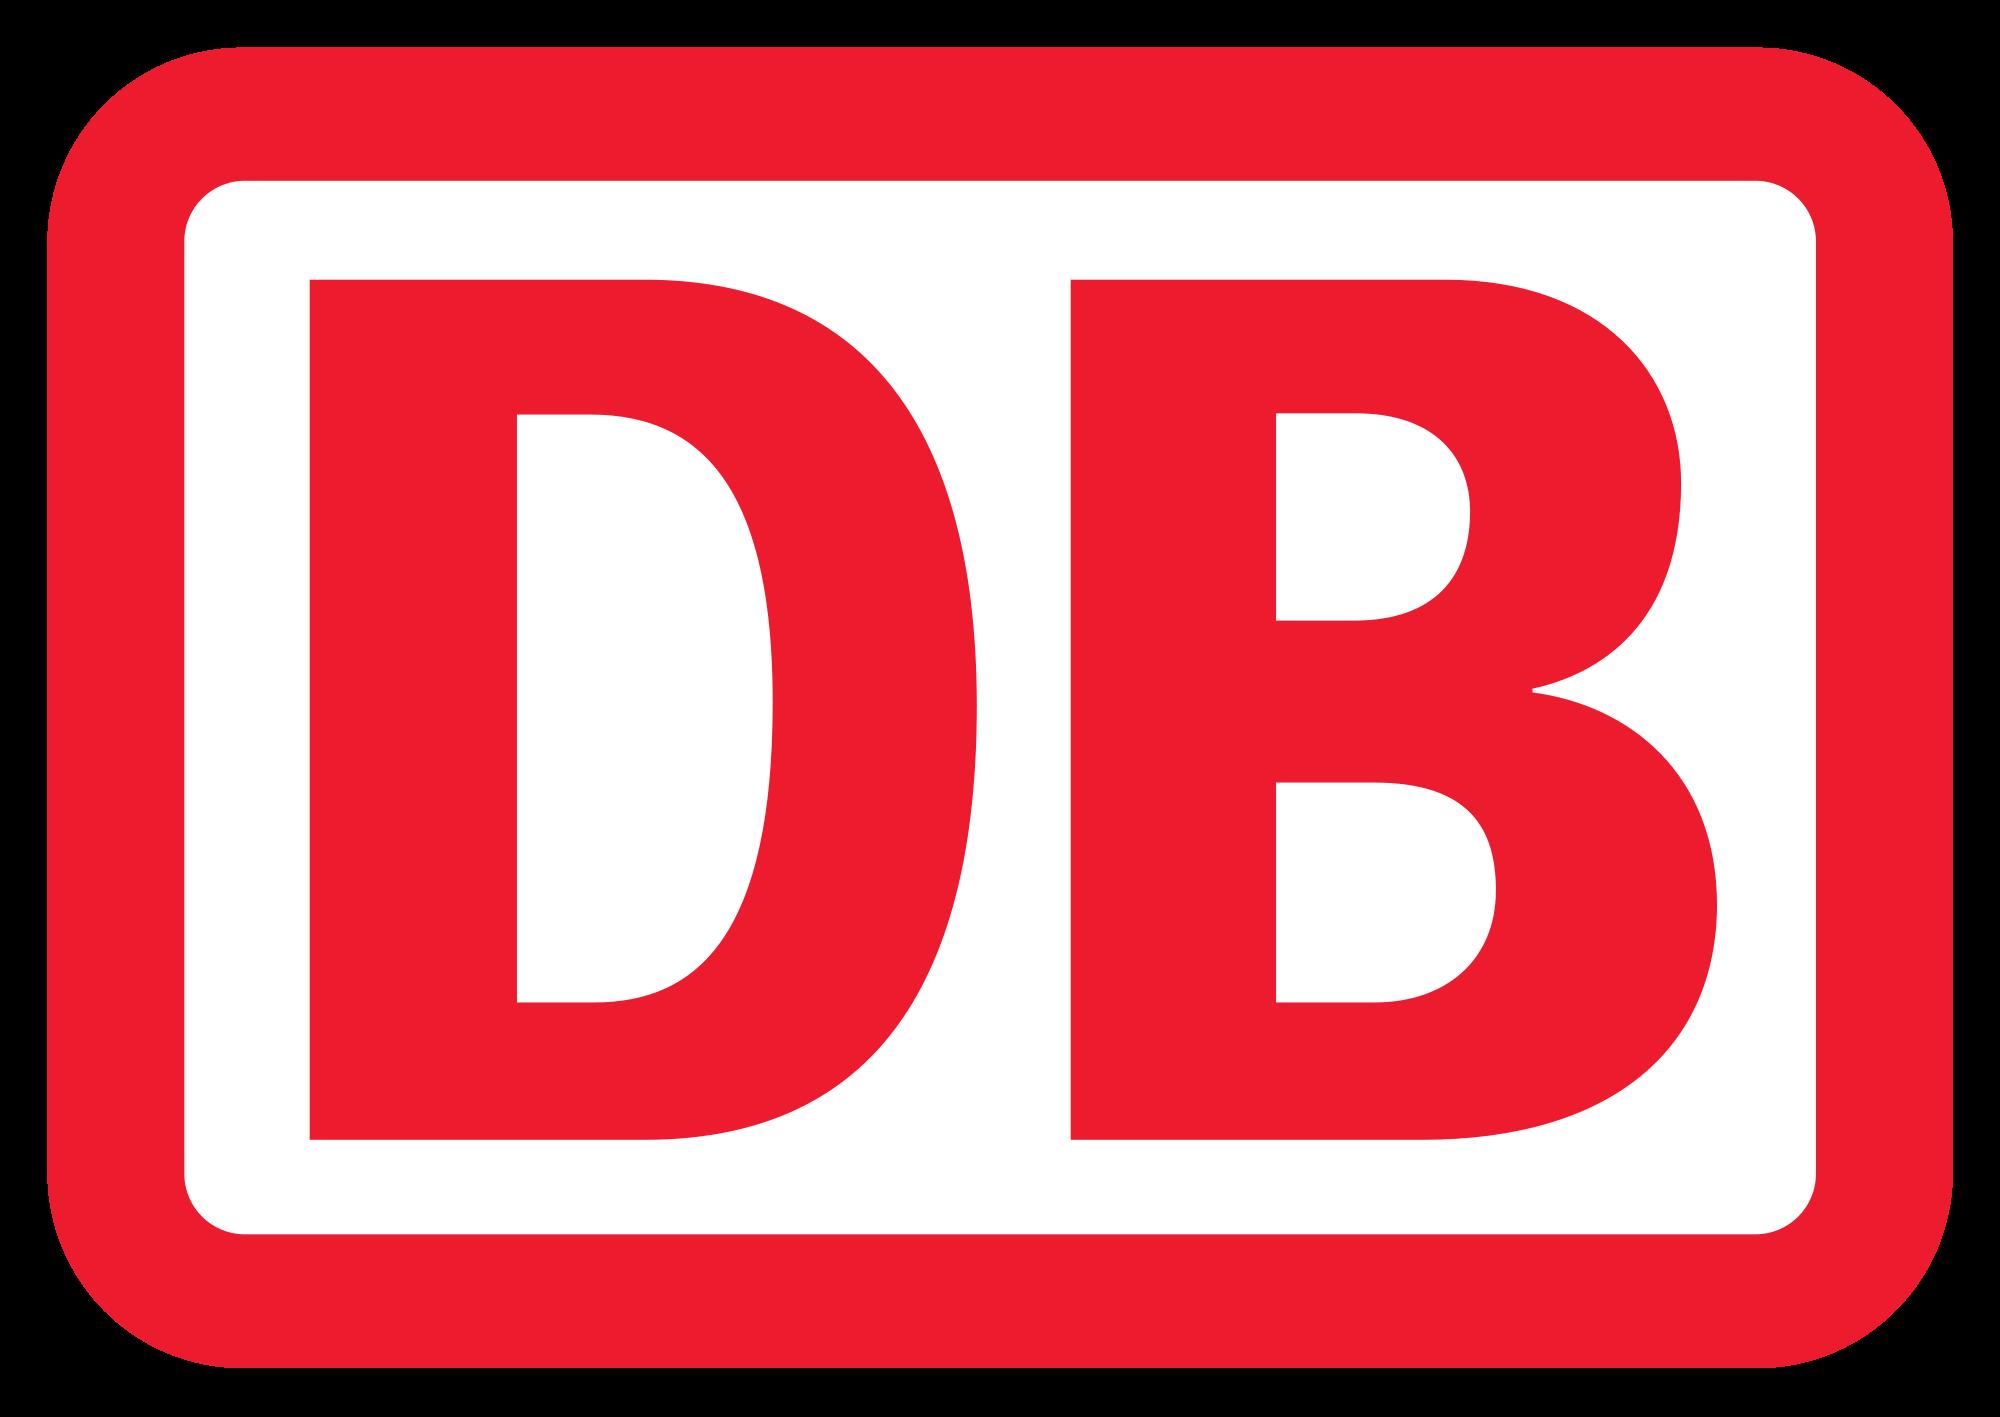 Deutsche Bahn - Wikipedia